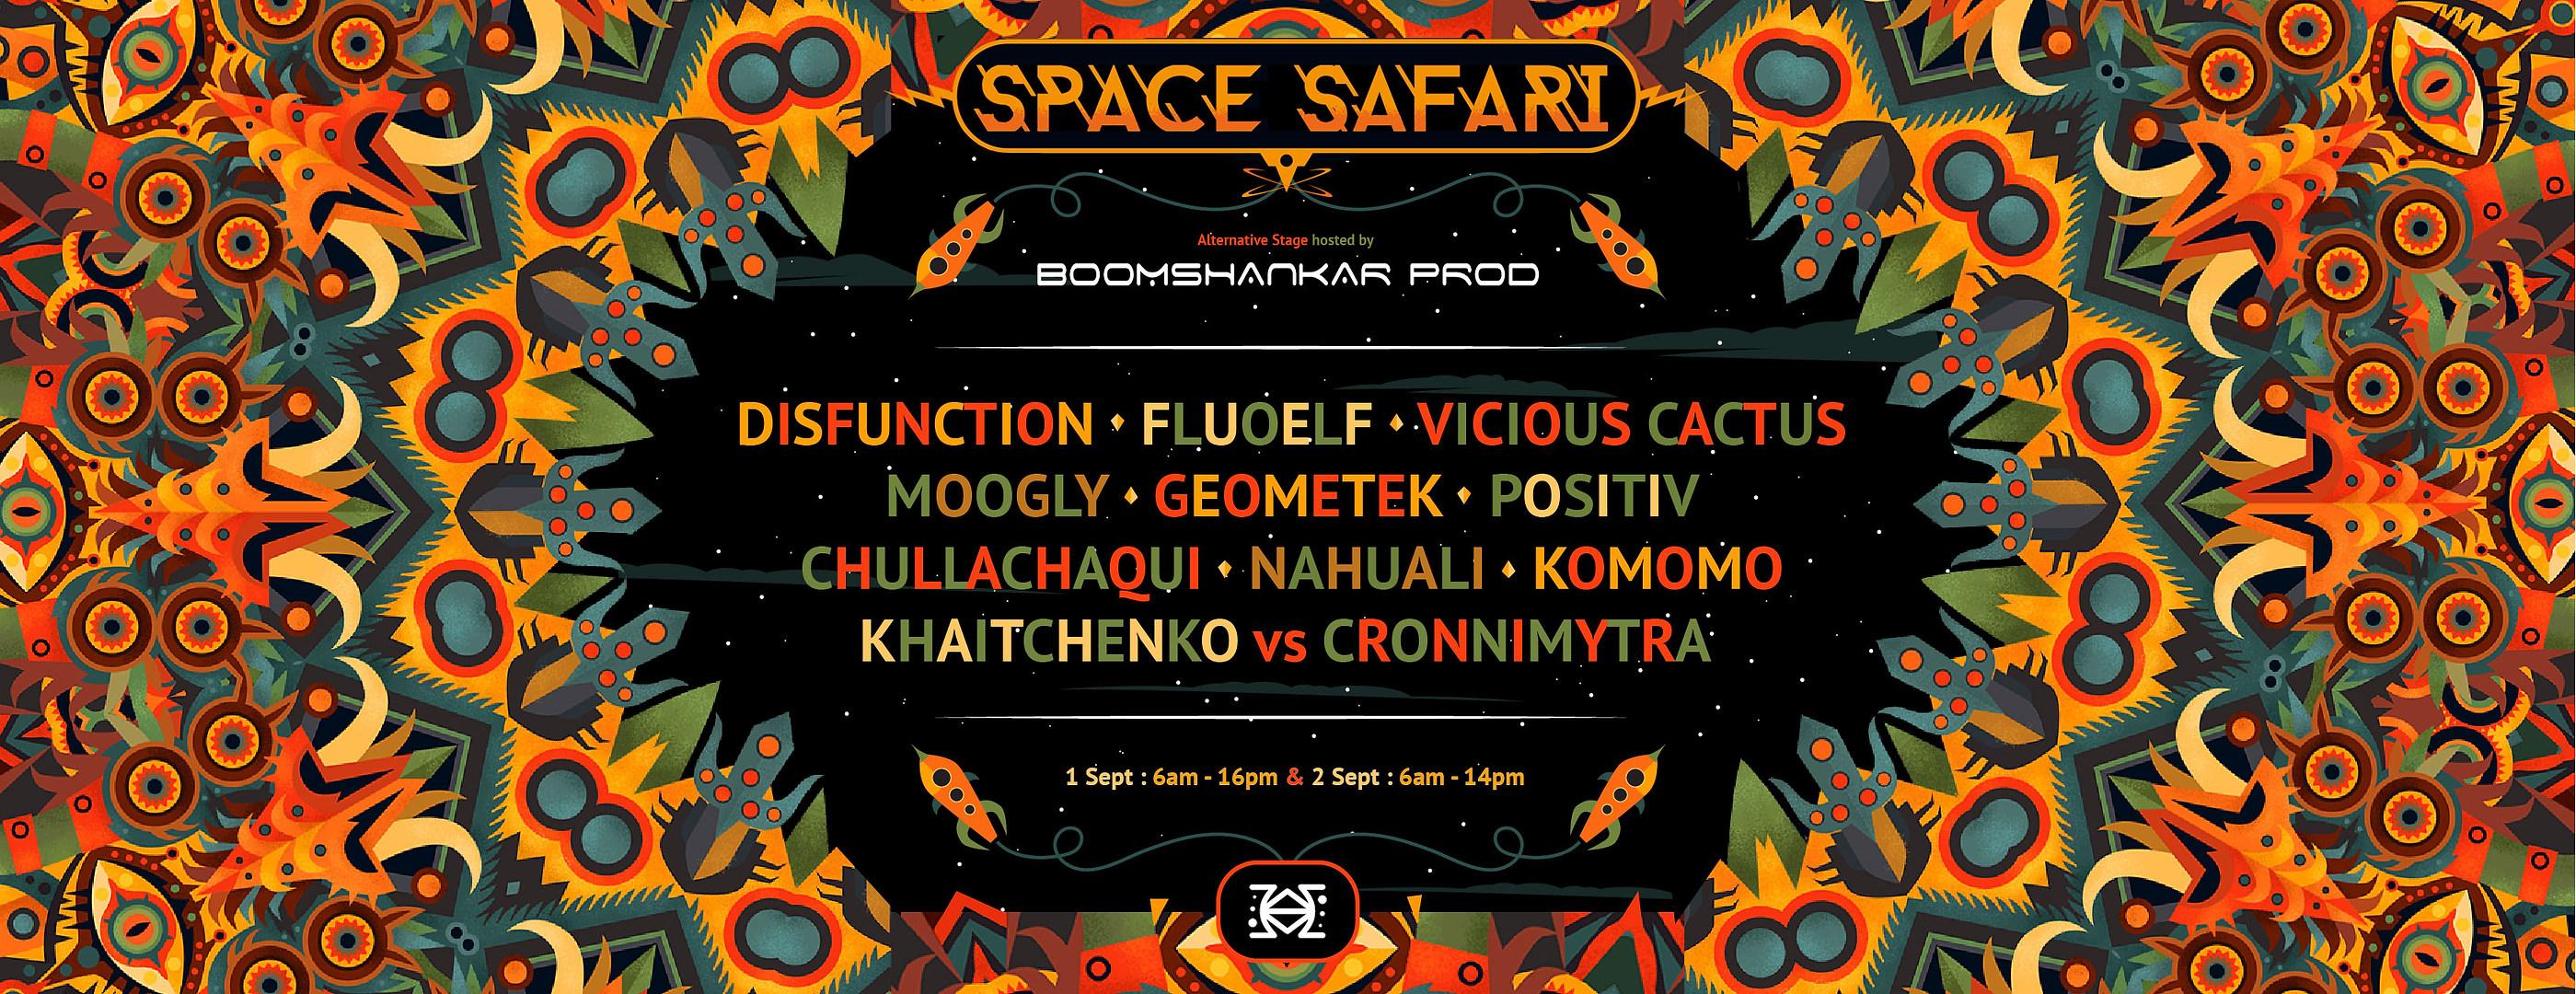 SPACE SAFARI 2019.jpg